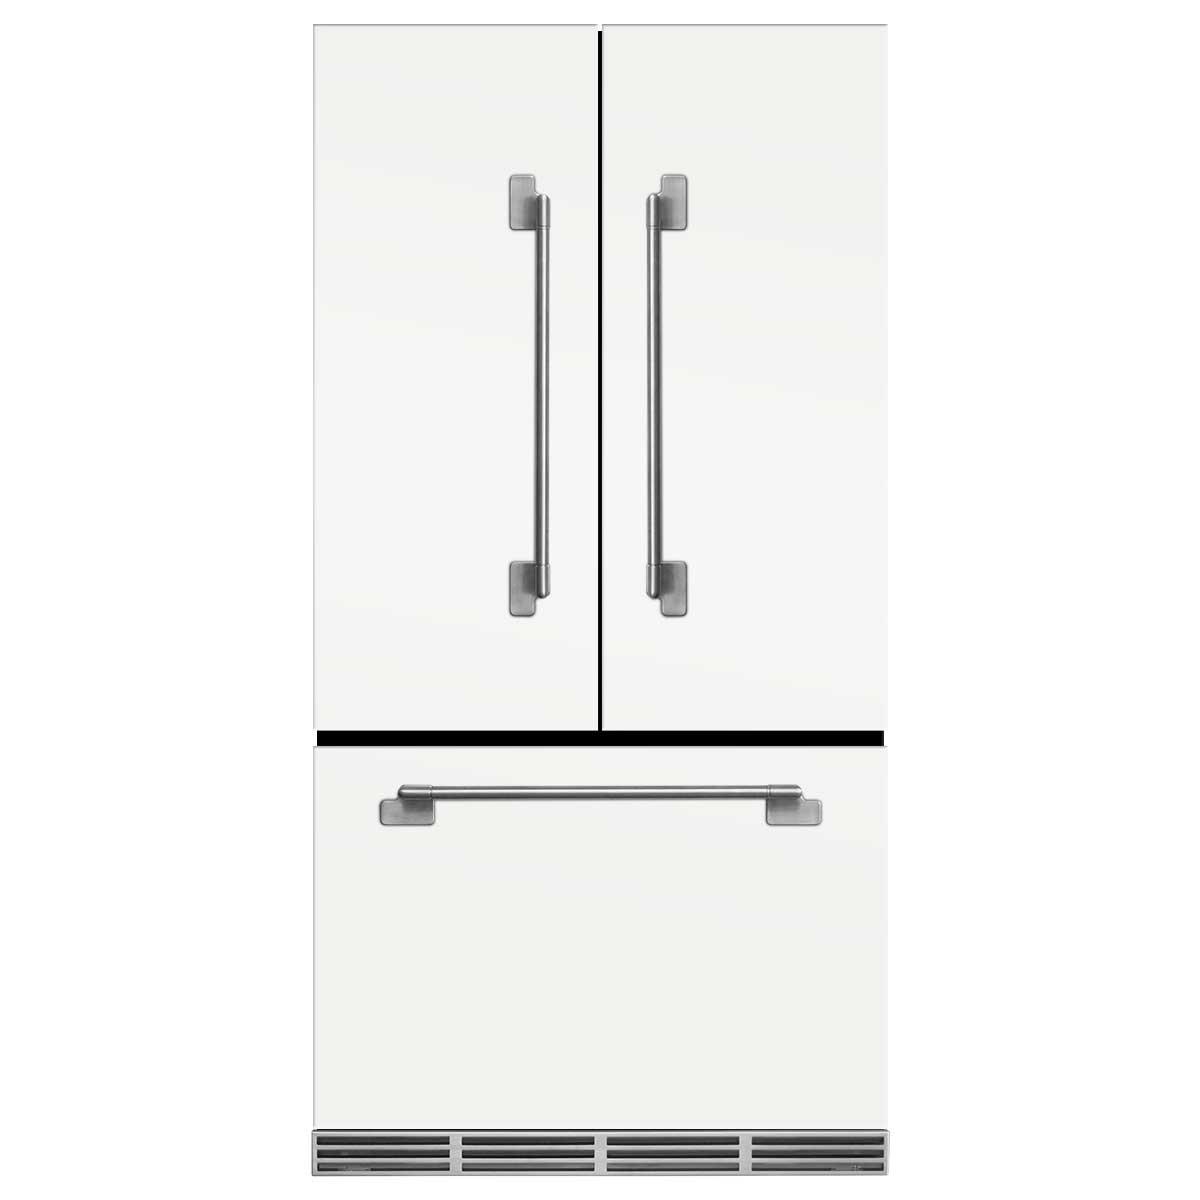 Marvel Elise French Door Counter-Depth Refrigerator Marvel Elise French Door Counter-Depth Refrigerator Scarlet